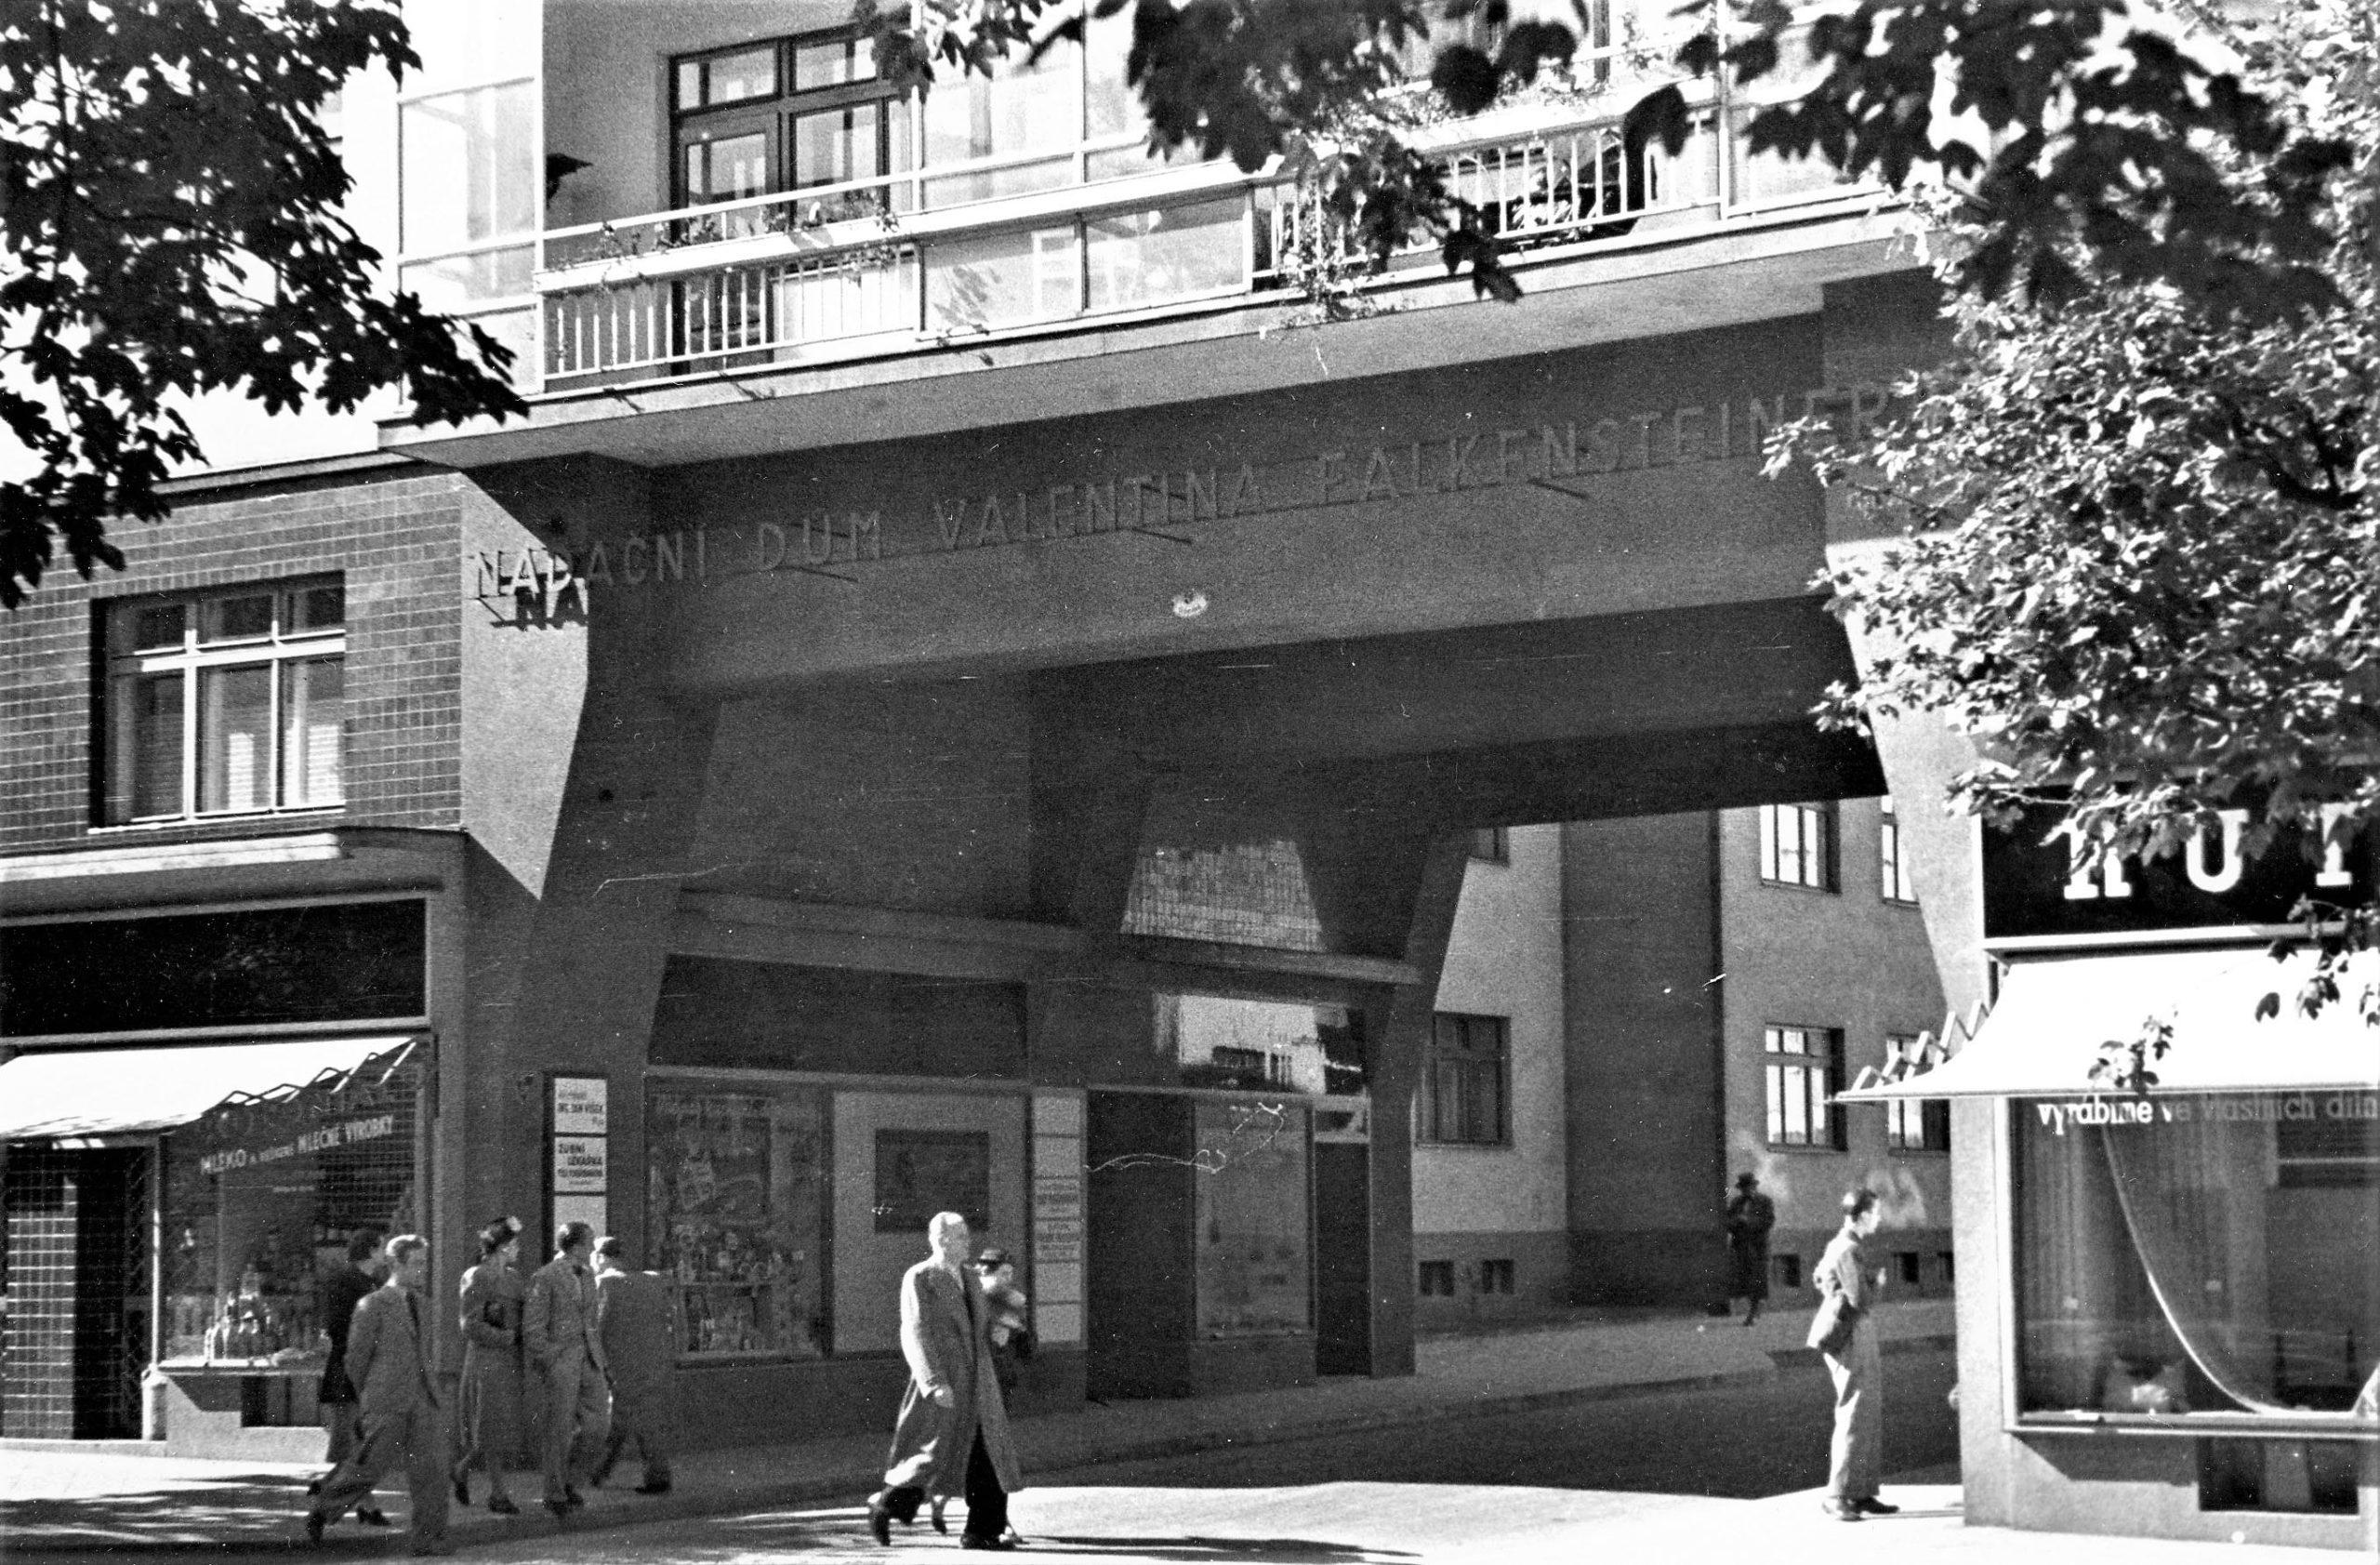 Pohled-do-průchodu-nadačního-domu-Valentina-Falkensteinera-od-Oskara-Pořísky-ve-40.-letetch-20.-století